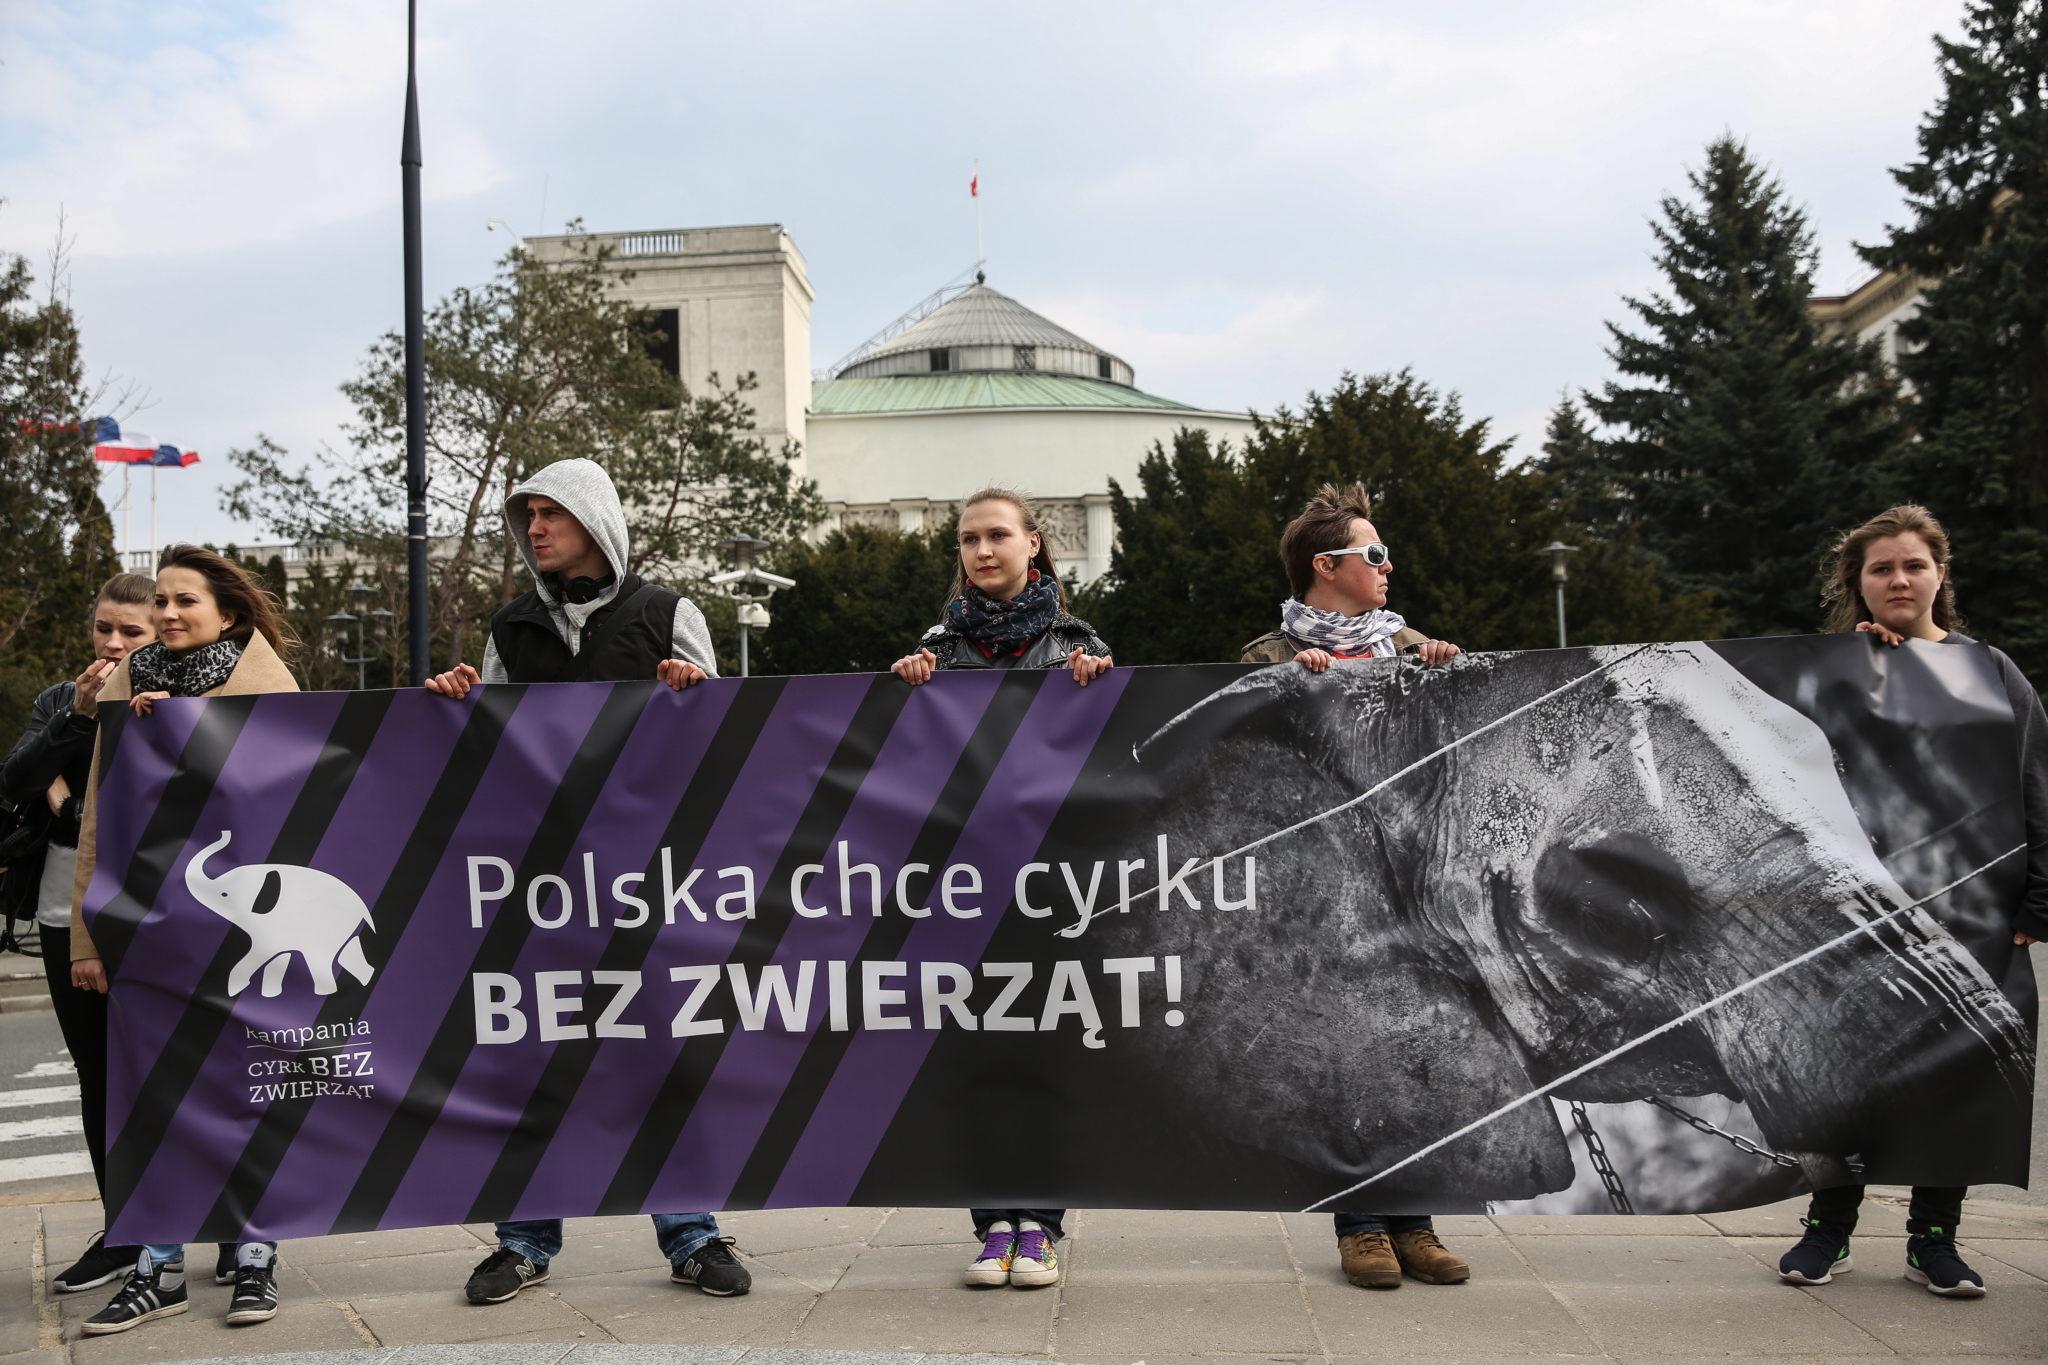 Polska: protest przeciwko występowaniu zwierząt w cyrku w Warszawie (foto. PAP/Rafał Guz)